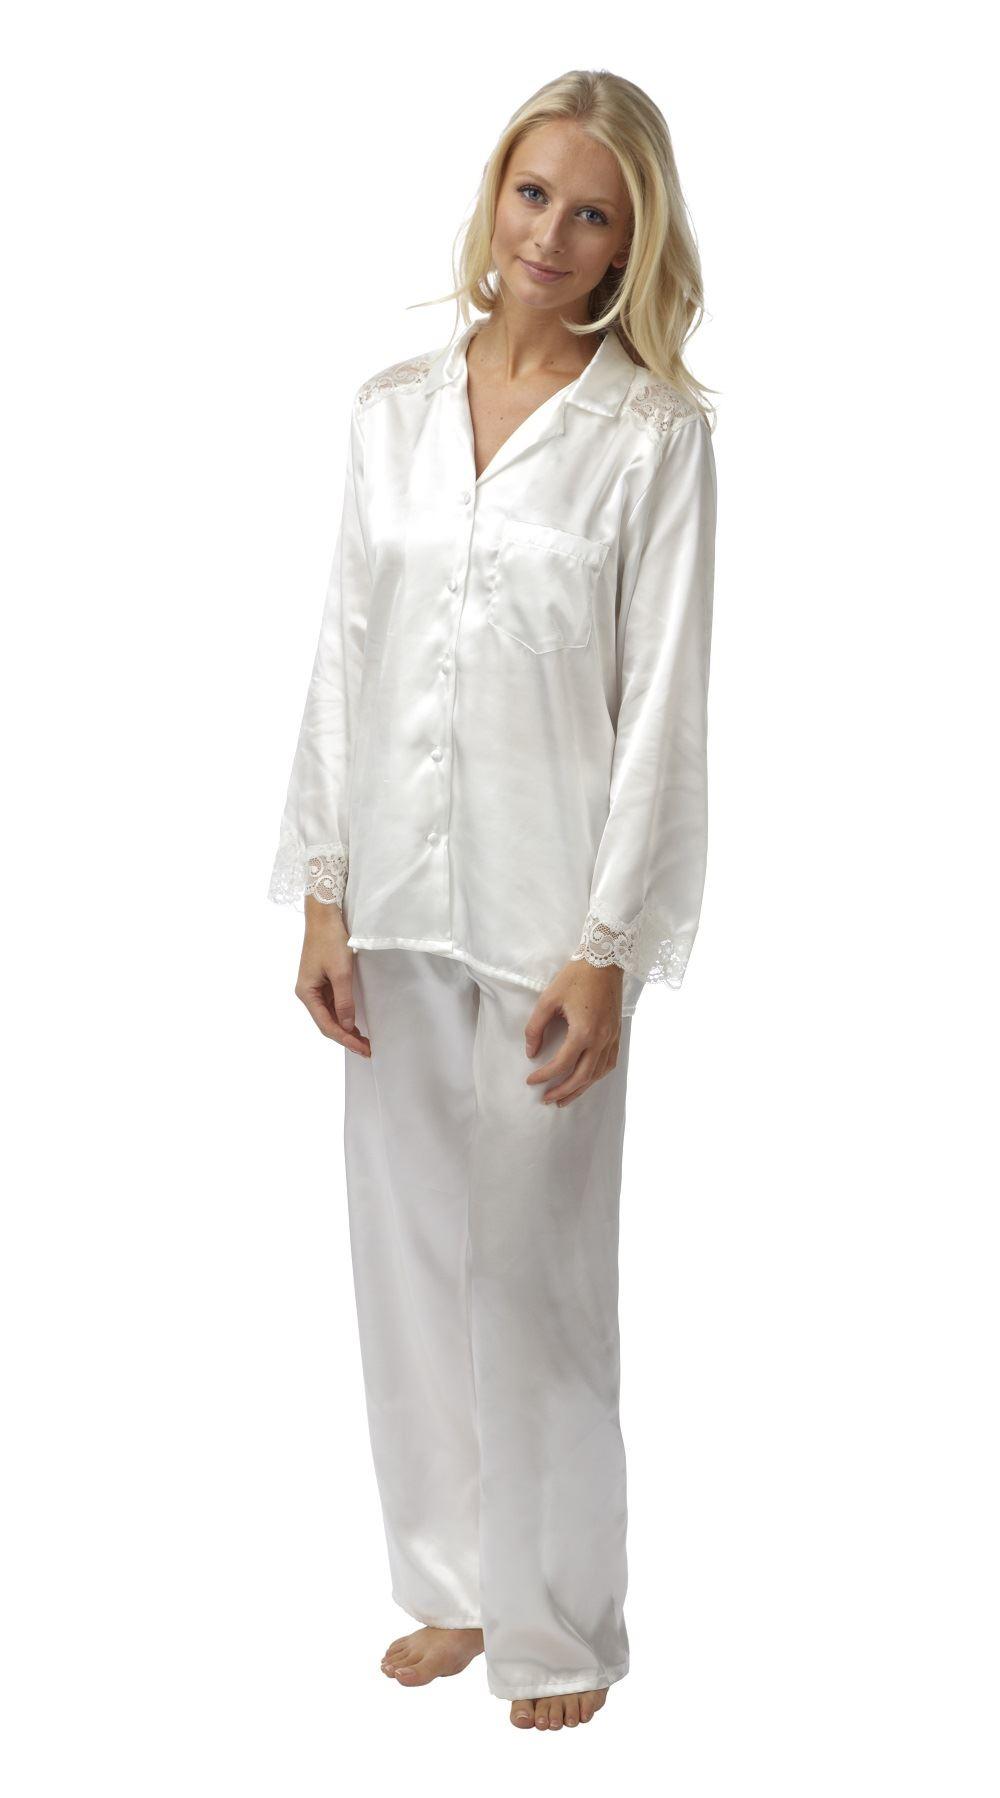 Ladies satin pyjamas pajama plus size 18 20 22 24 26 28  cd9b19e4f